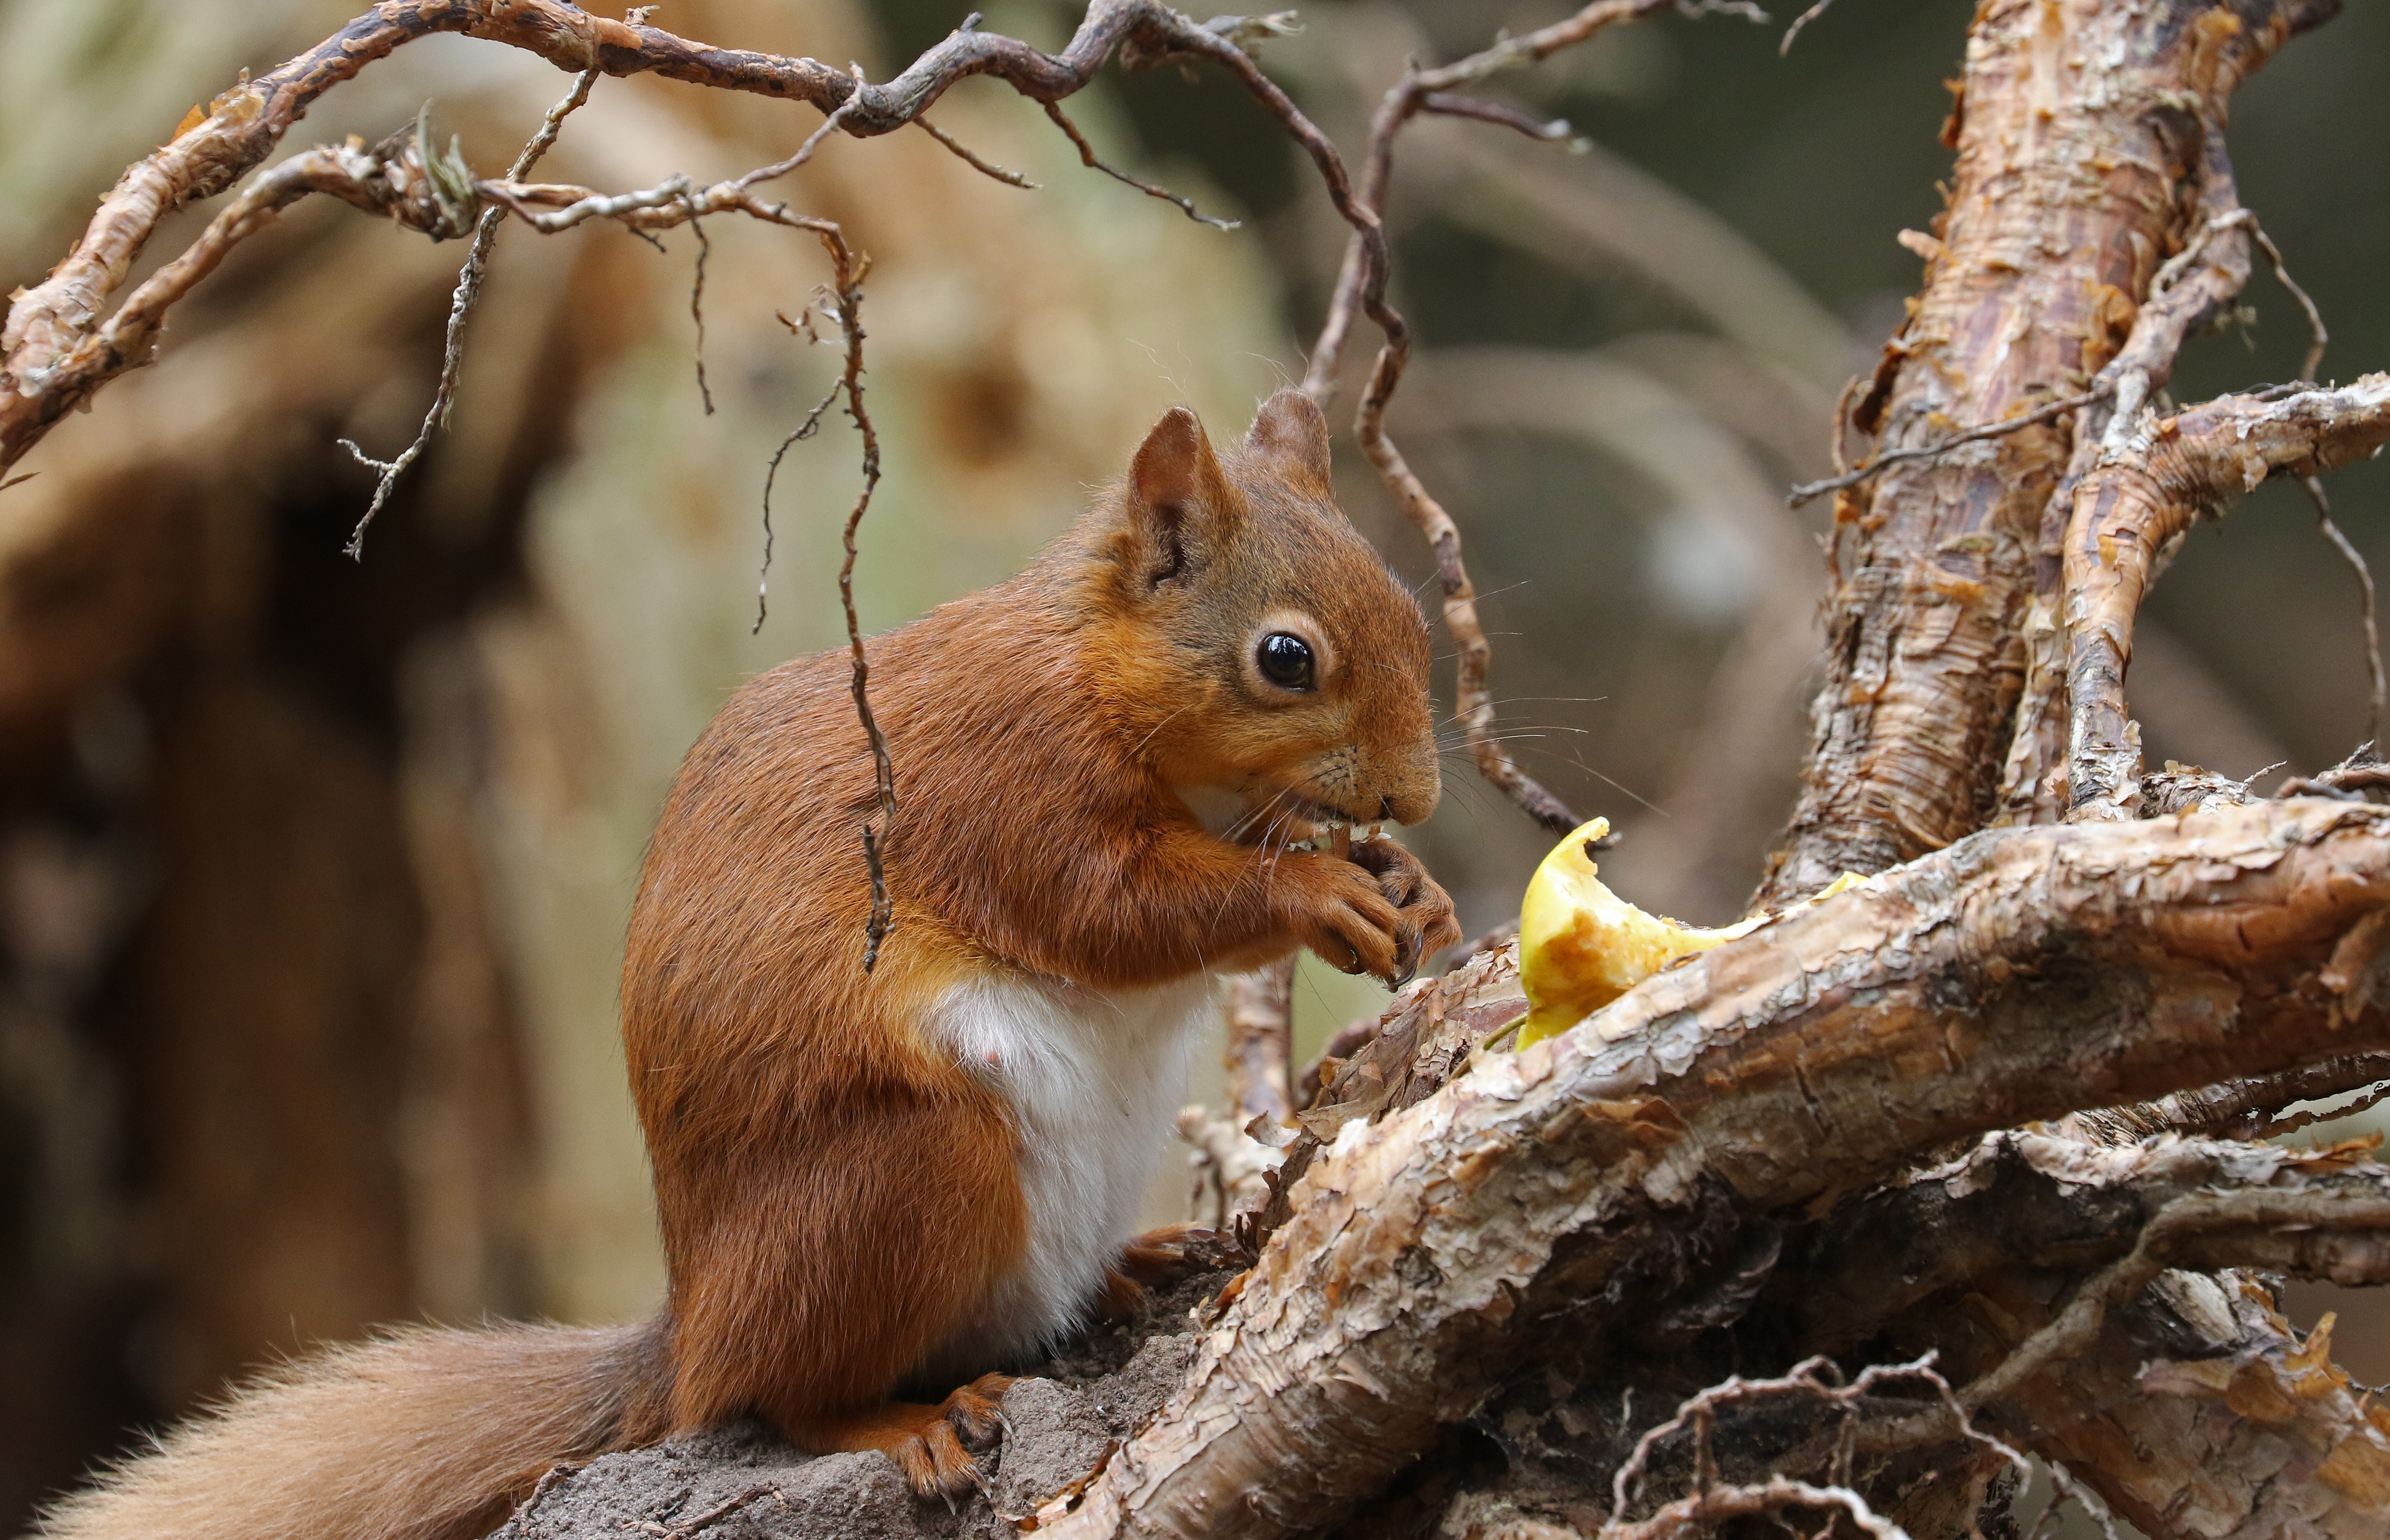 природа животные белка nature animals protein  № 1115668 бесплатно